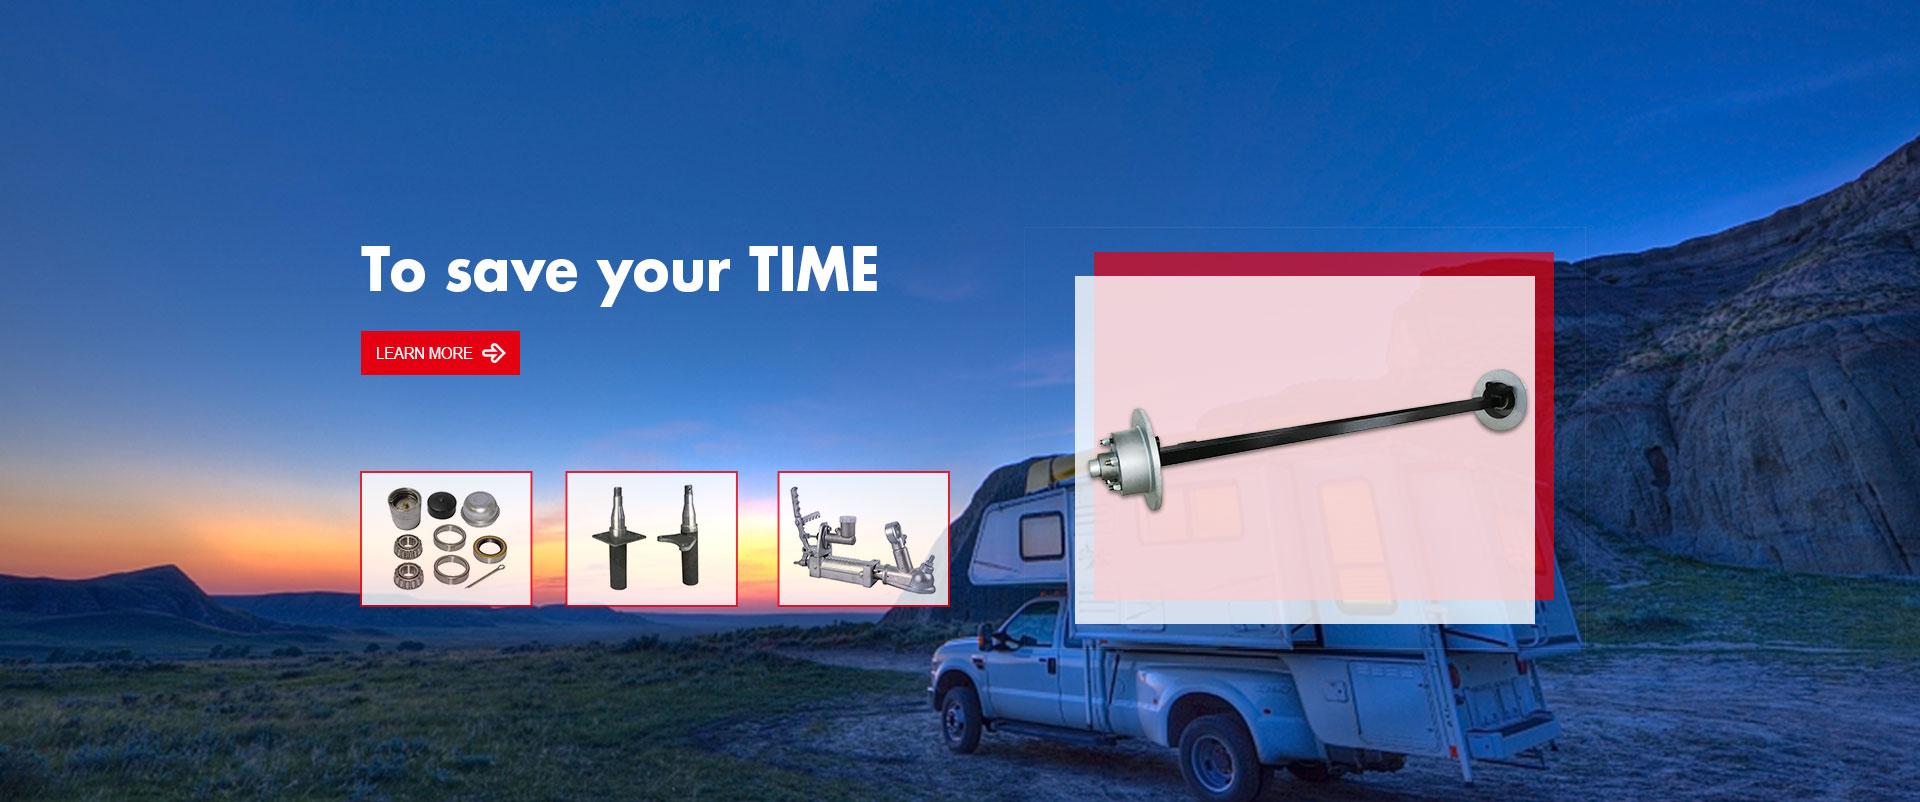 Trailer Axle & Component